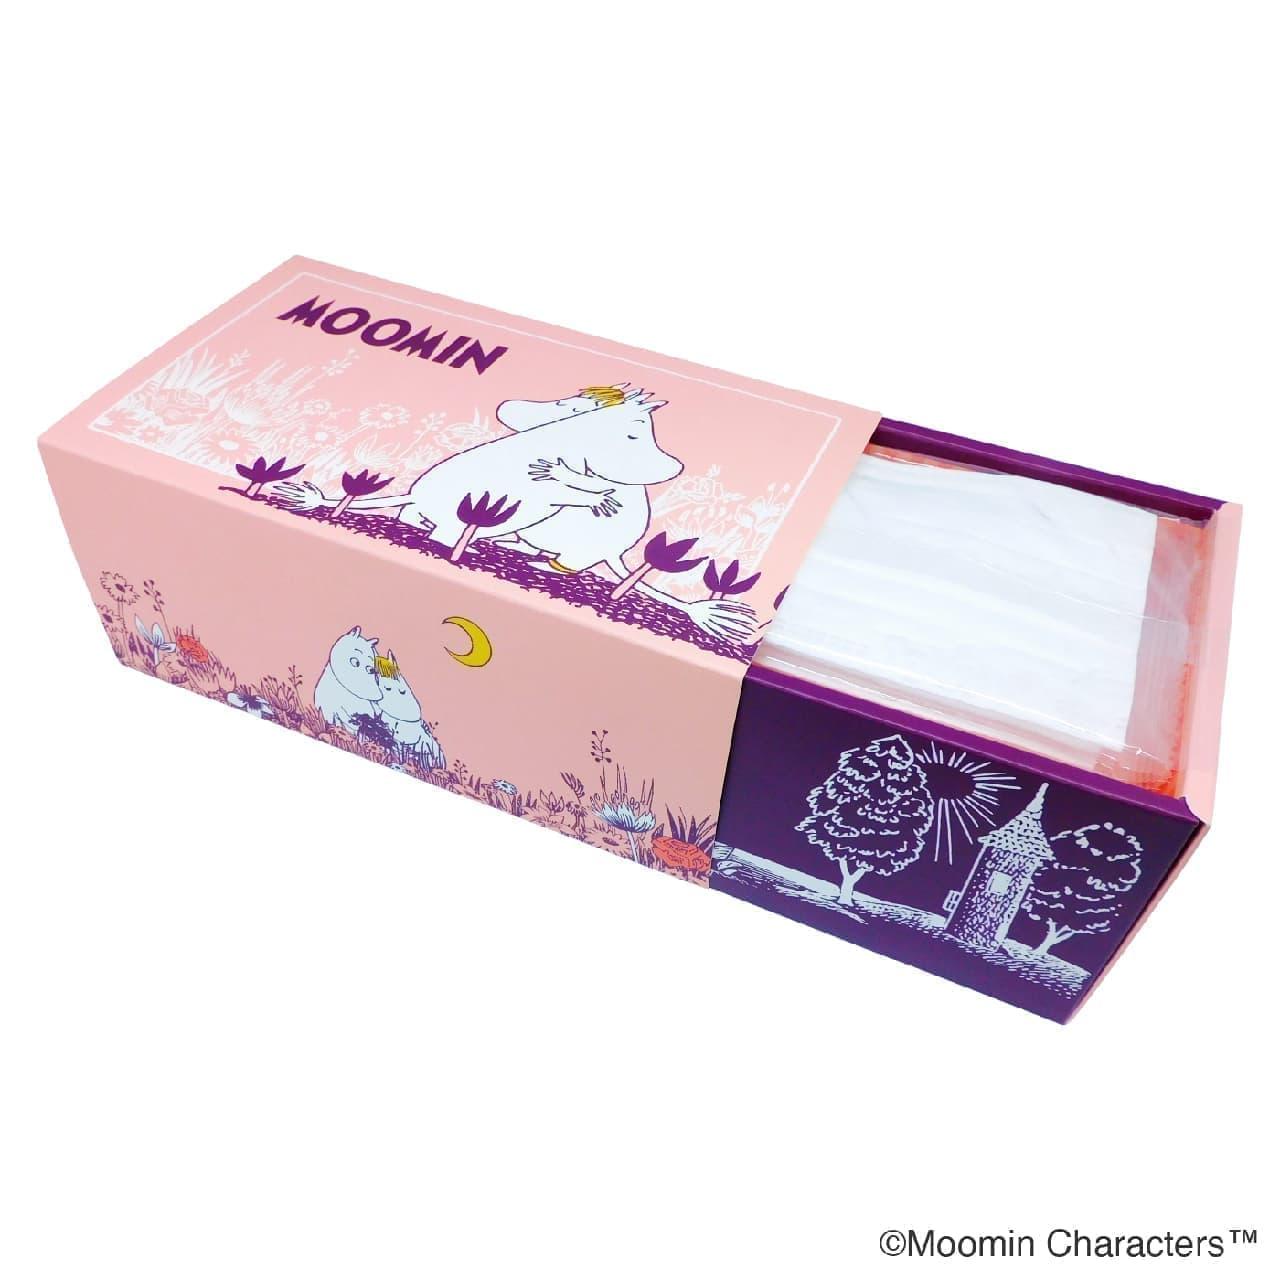 「ムーミン30枚入りBOXマスク」発売 -- 大人可愛いキャラクター&持ち運びやすい個包装